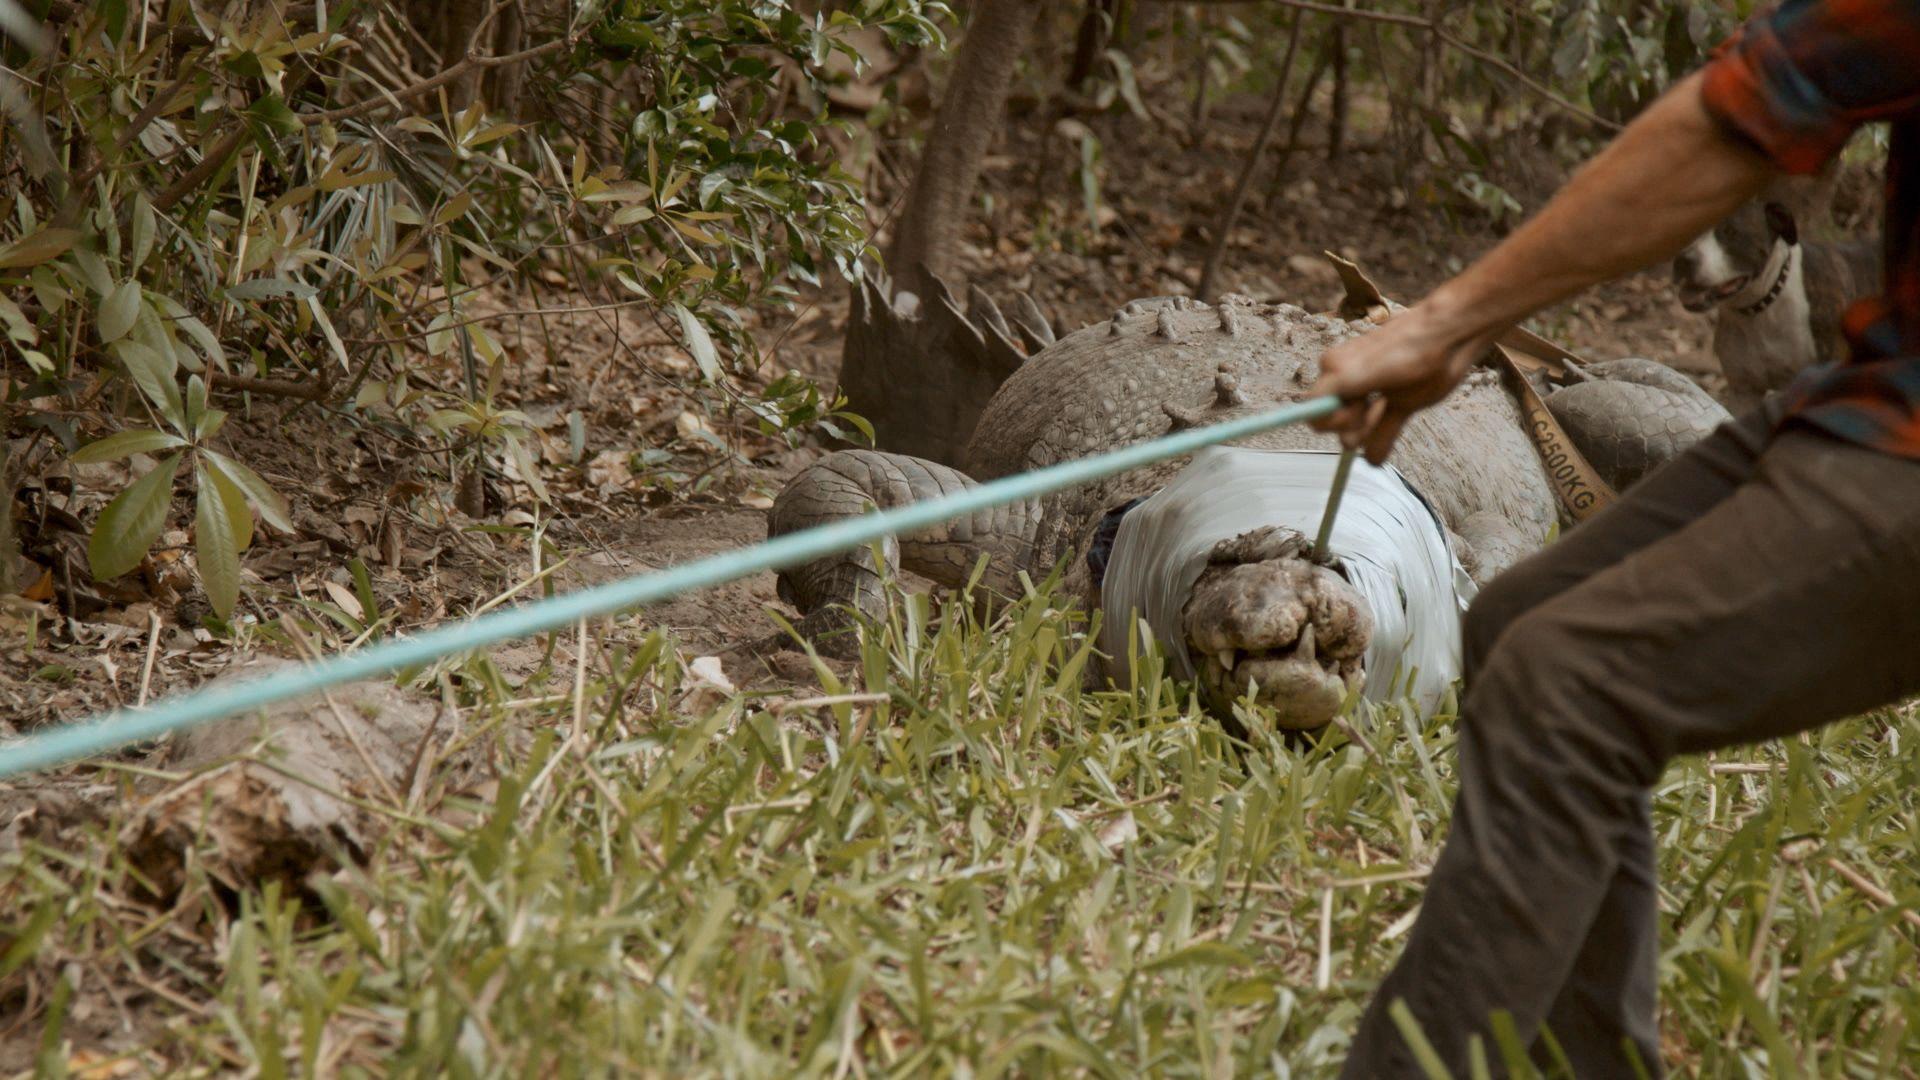 جونو يُحكم قبضته على تمساح متوحش باستخدام حبل. هذه... [Photo of the day - أكتوبر 2021]